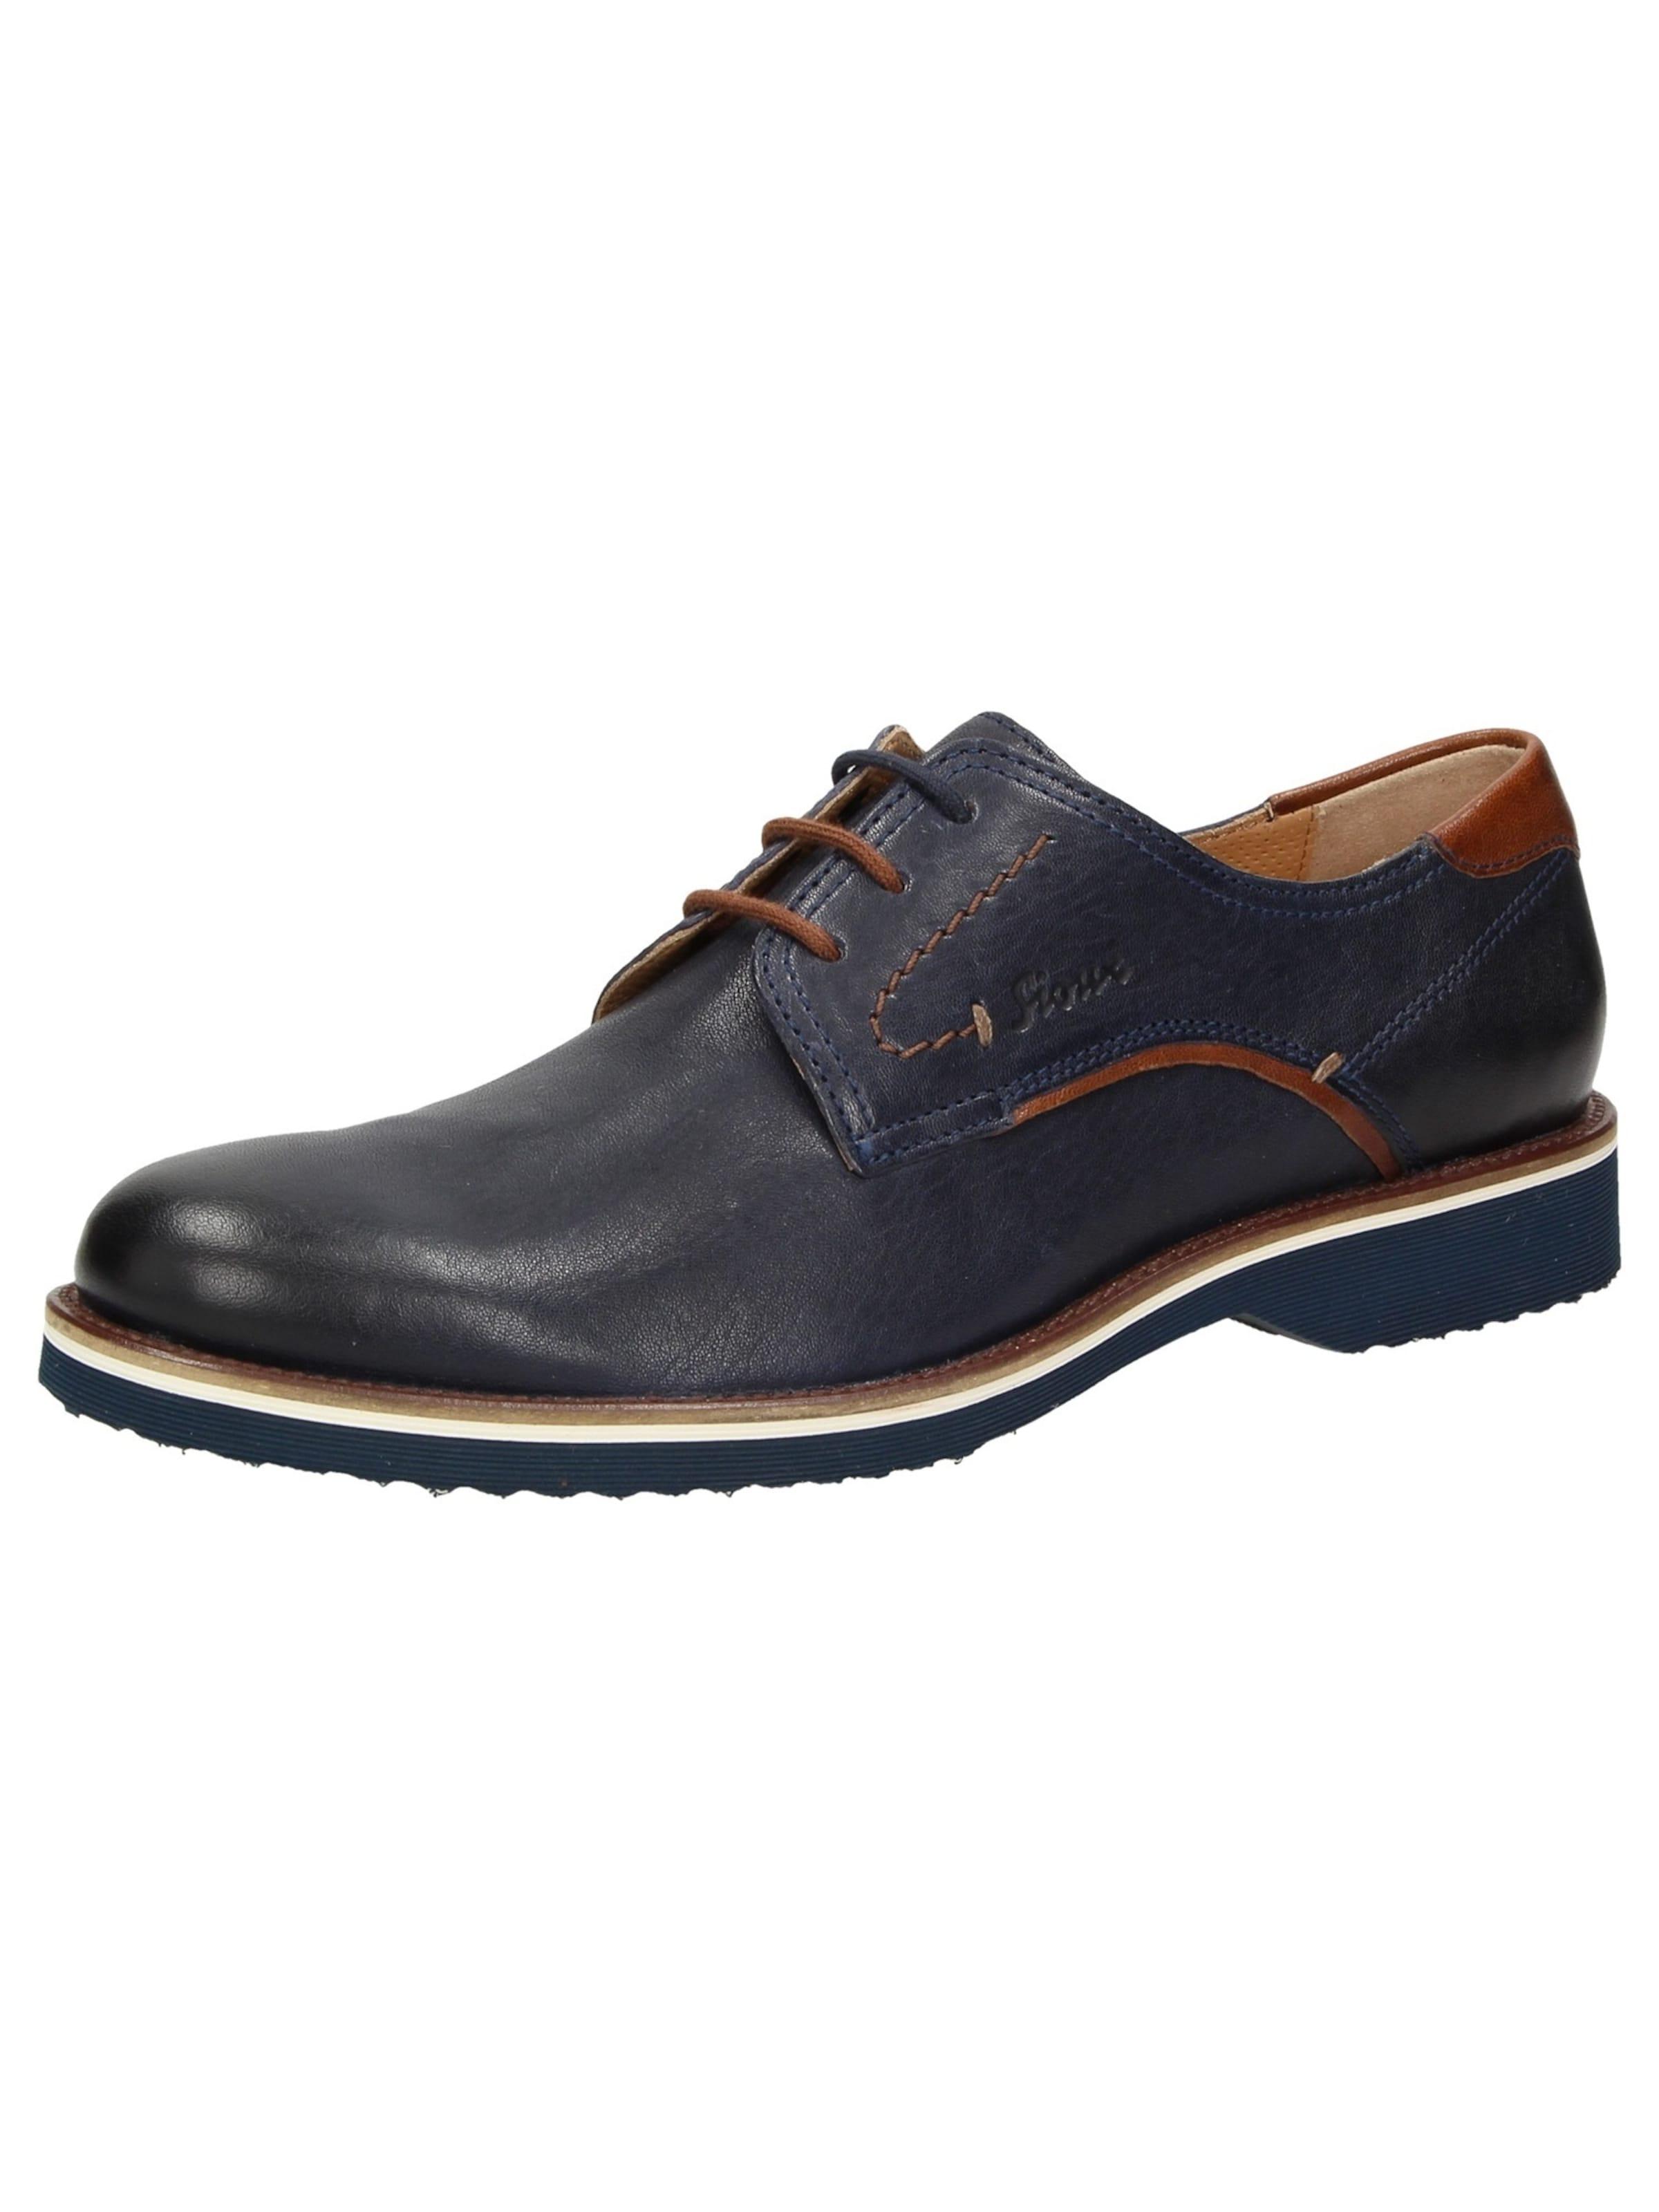 SIOUX Schnürschuh Eniz Verschleißfeste billige Schuhe